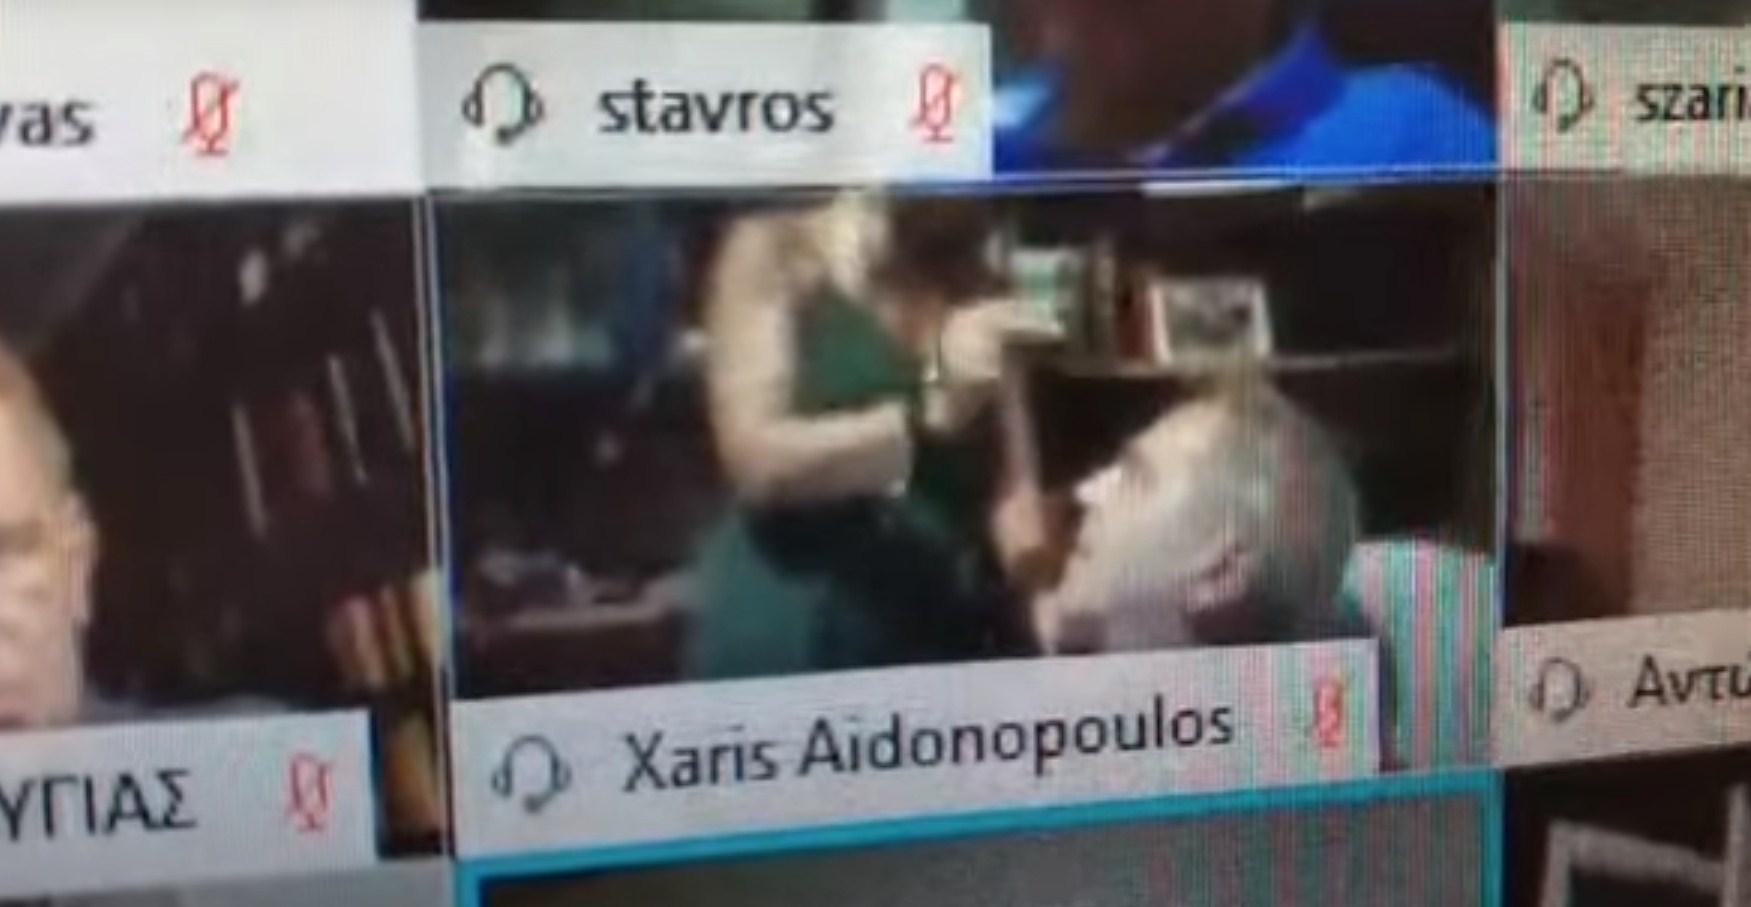 Απίστευτο: «Ξεμάτιασμα» live για τον αντιδήμαρχο Θεσσαλονίκης σε συνεδρίαση δημοτικού συμβουλίου